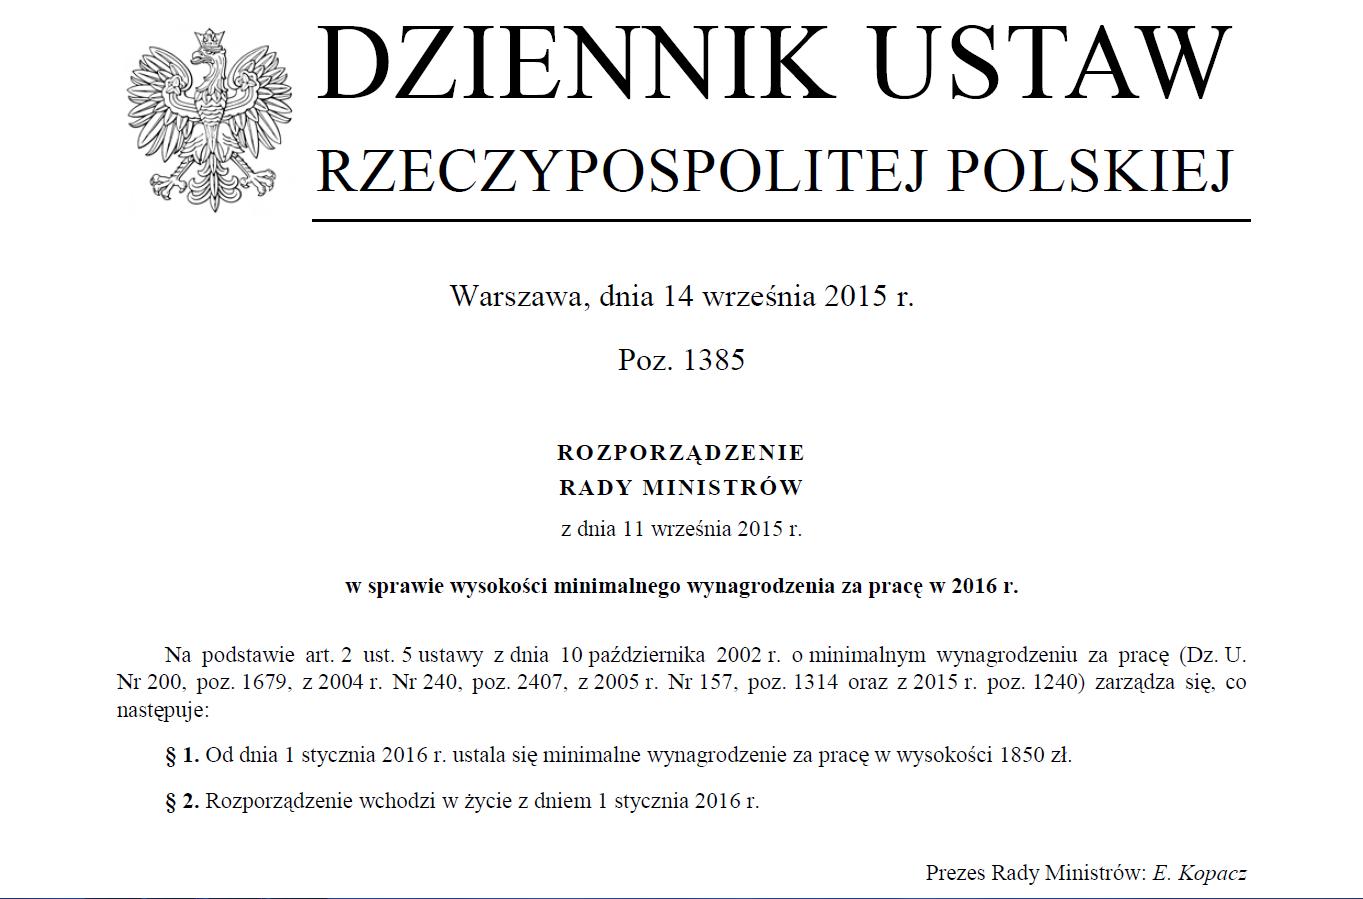 Rozporządzenie E. Kopacz 11.9.2015